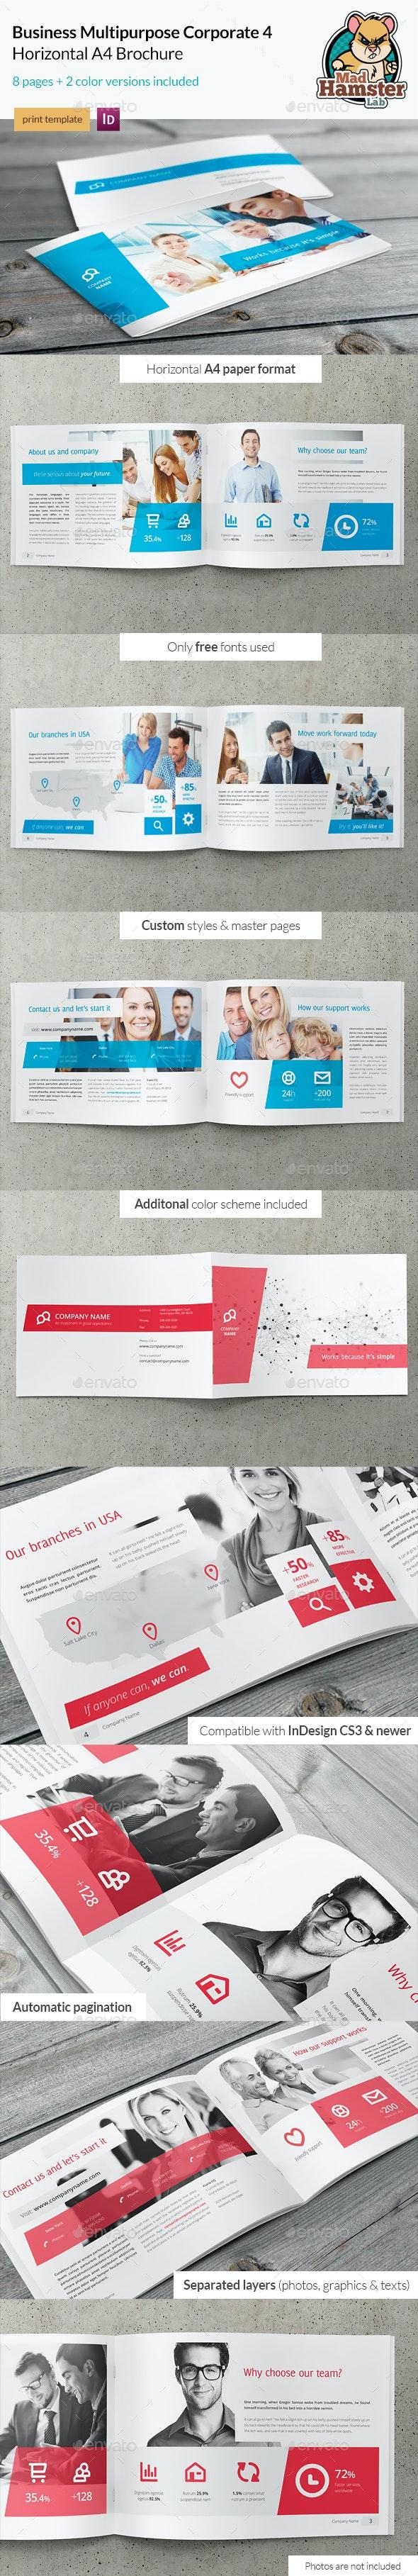 Business / Corporate Multi-purpose A4 Brochure 4 - Corporate Brochures